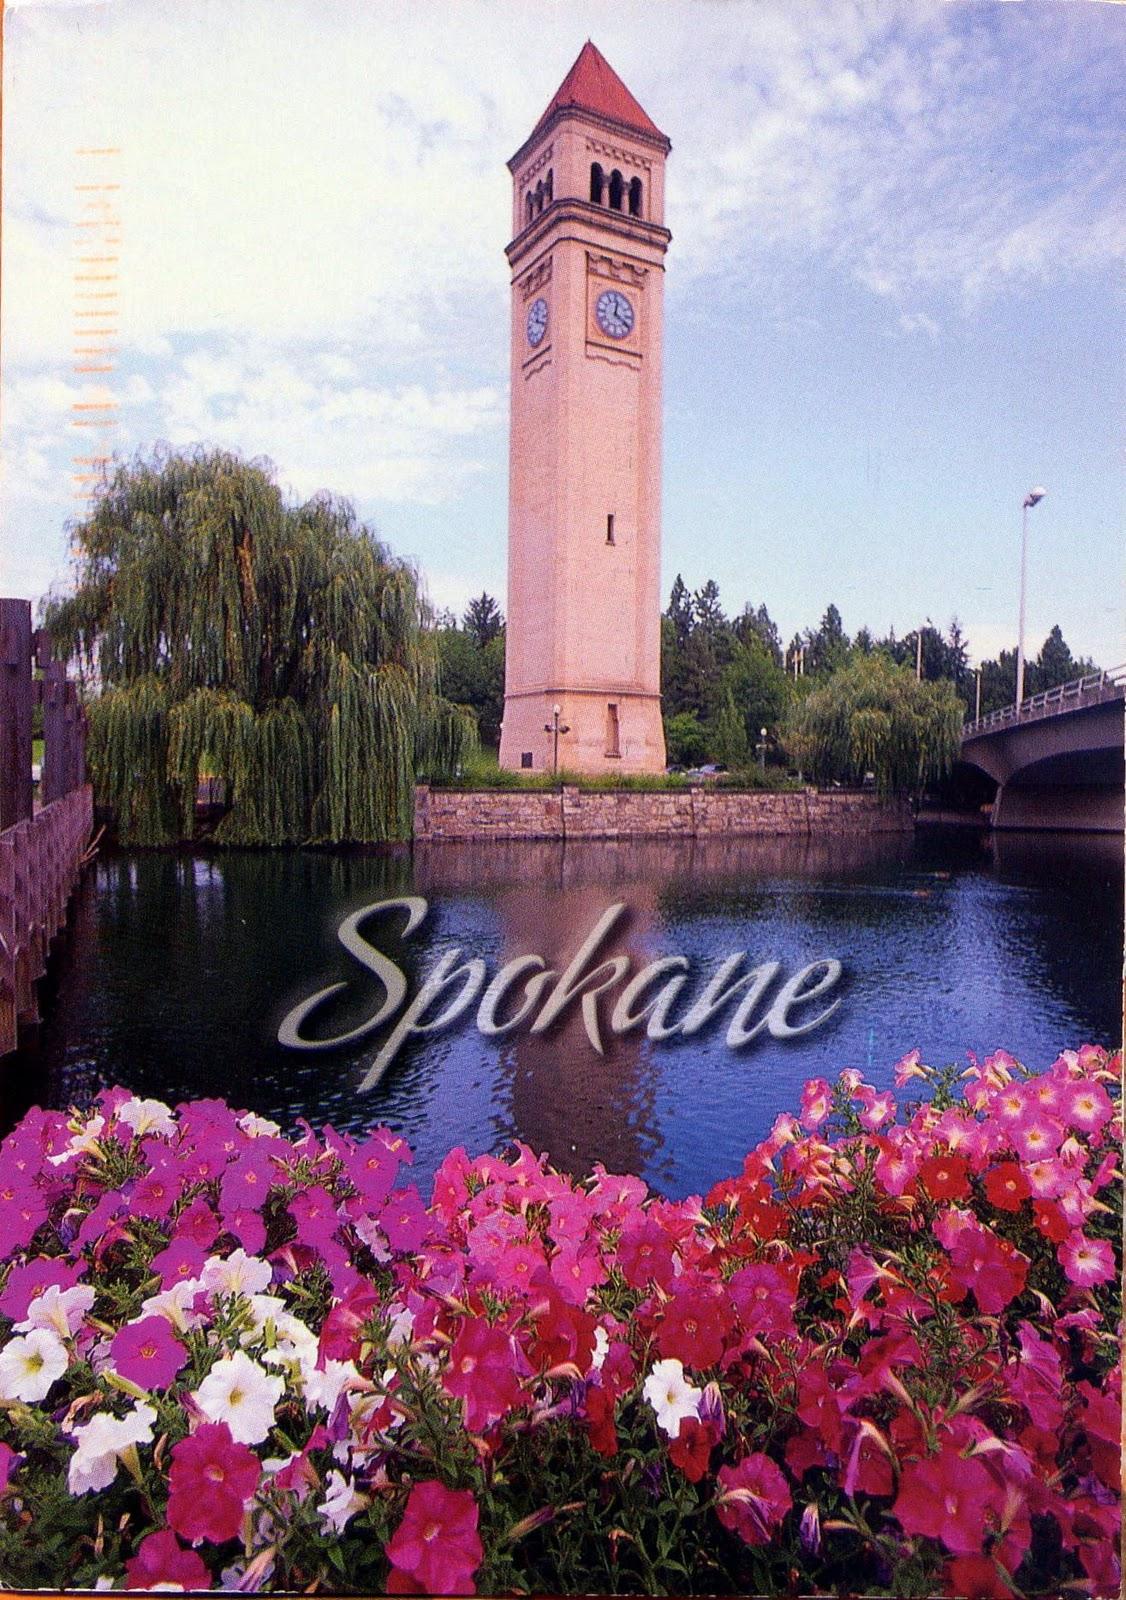 Petites fen tres sur le monde spokane for Mondial fenetre